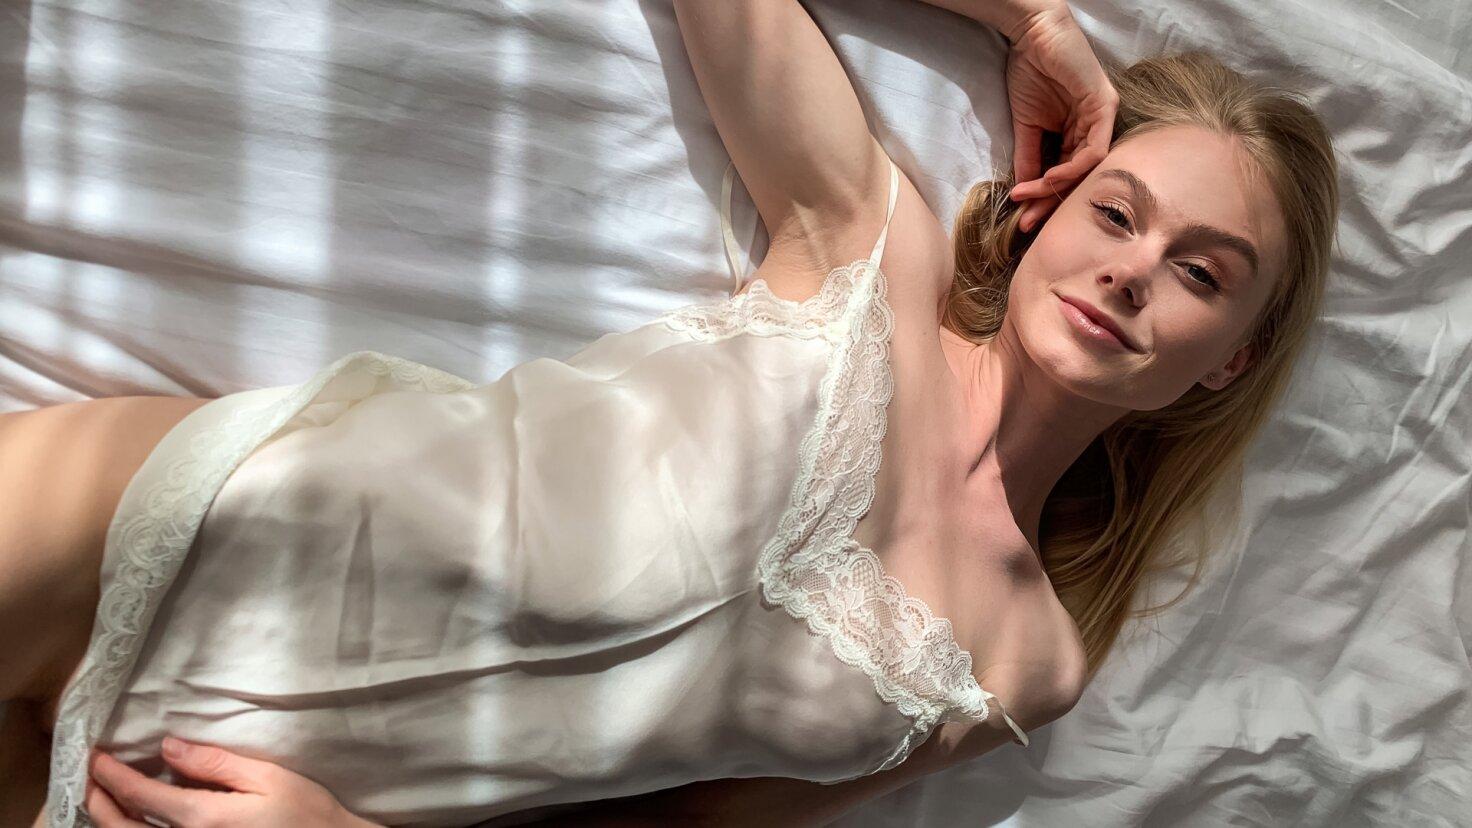 Bedøvelse skønhed nyder hjemmelavet POV-sex